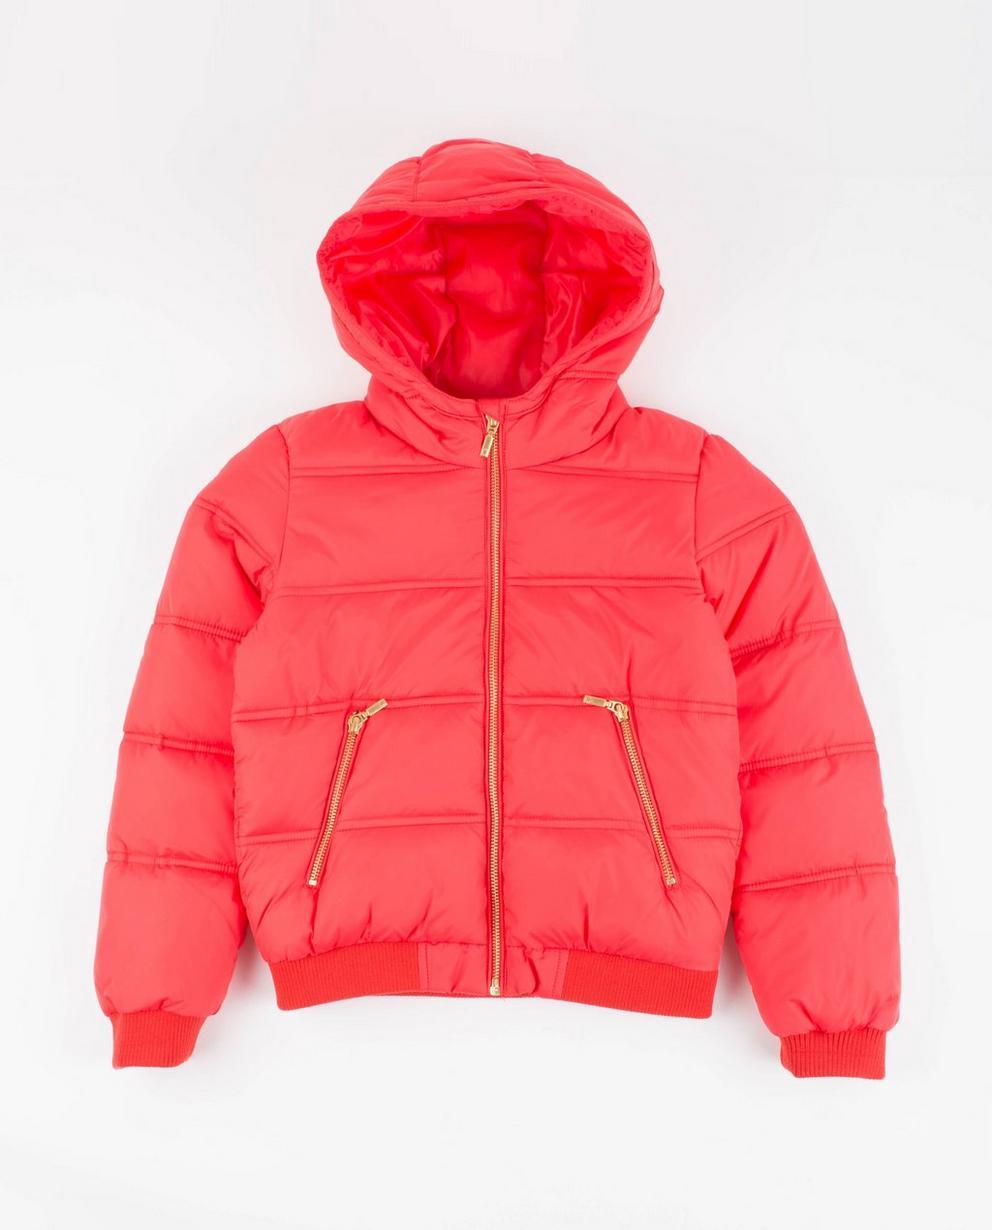 Veste matelassée  - rouge clair avec motif rayé - JBC